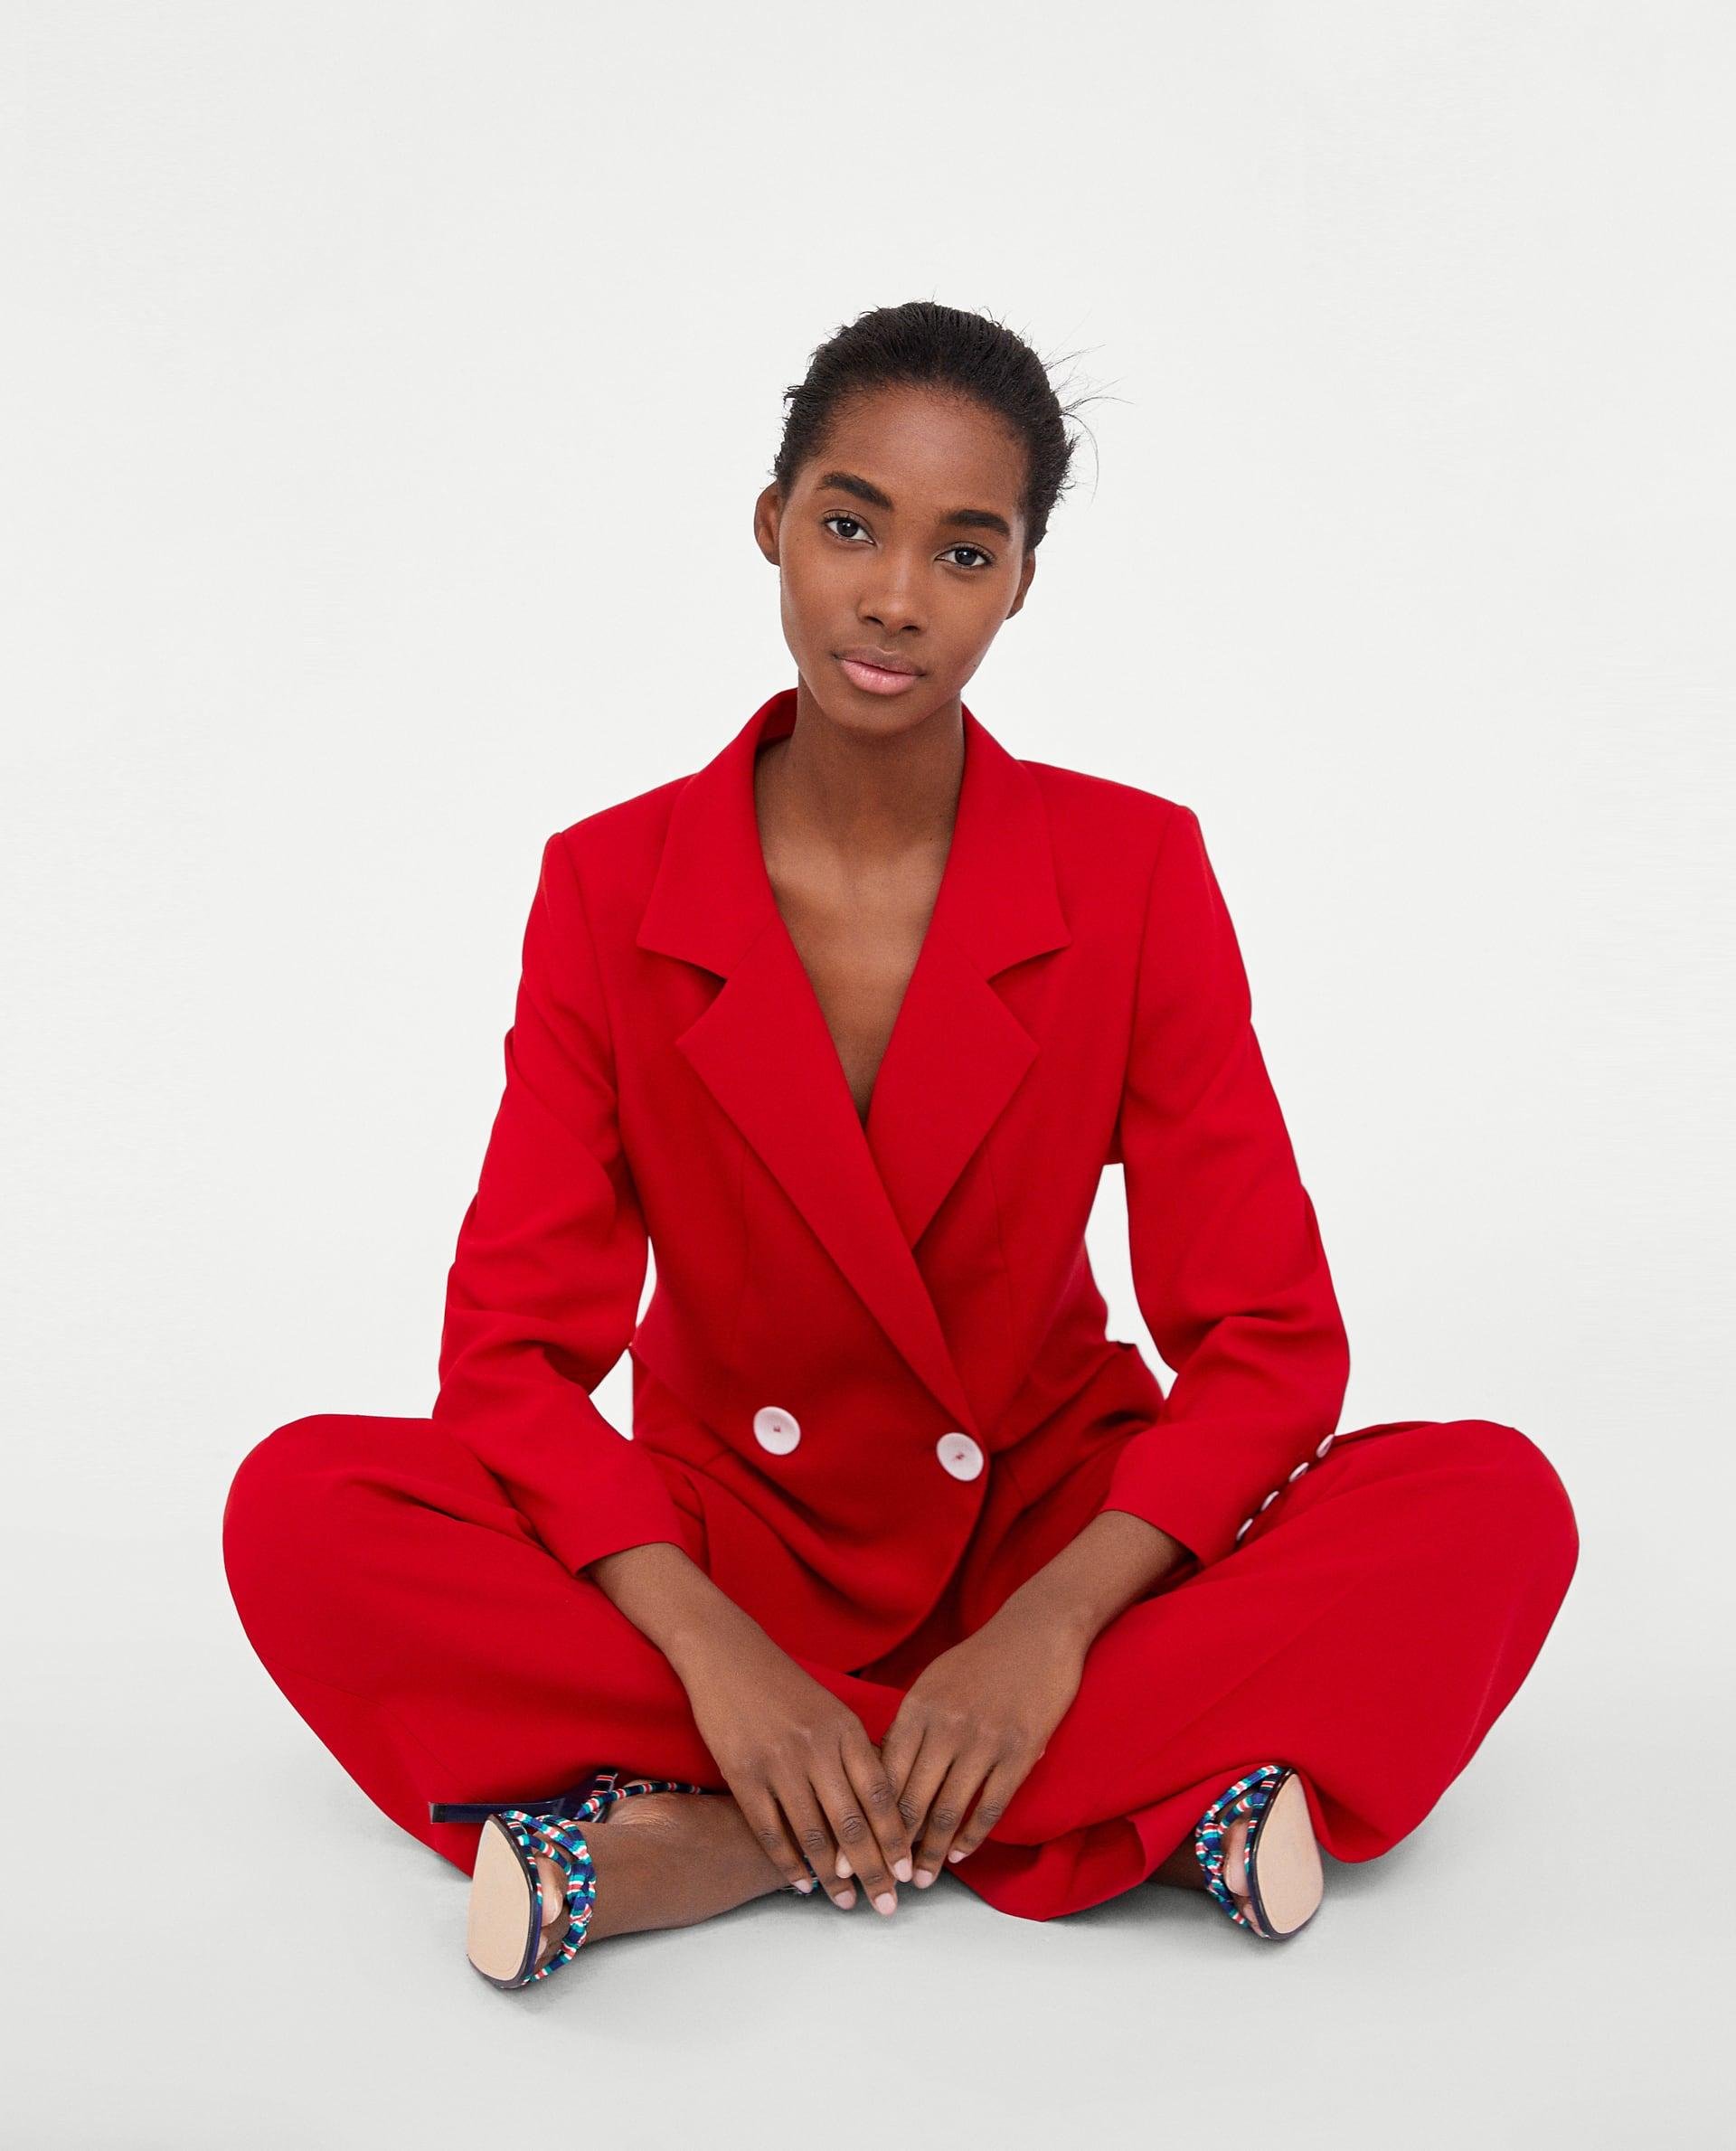 bde1a84813de 4. USCHÄKTA va mycket fint Zara har nu?! Perfekta kostymer i både rött och  senapsgult. Den här vill jag ha vita sneakers till och stort lockigt mörkt  hår ...